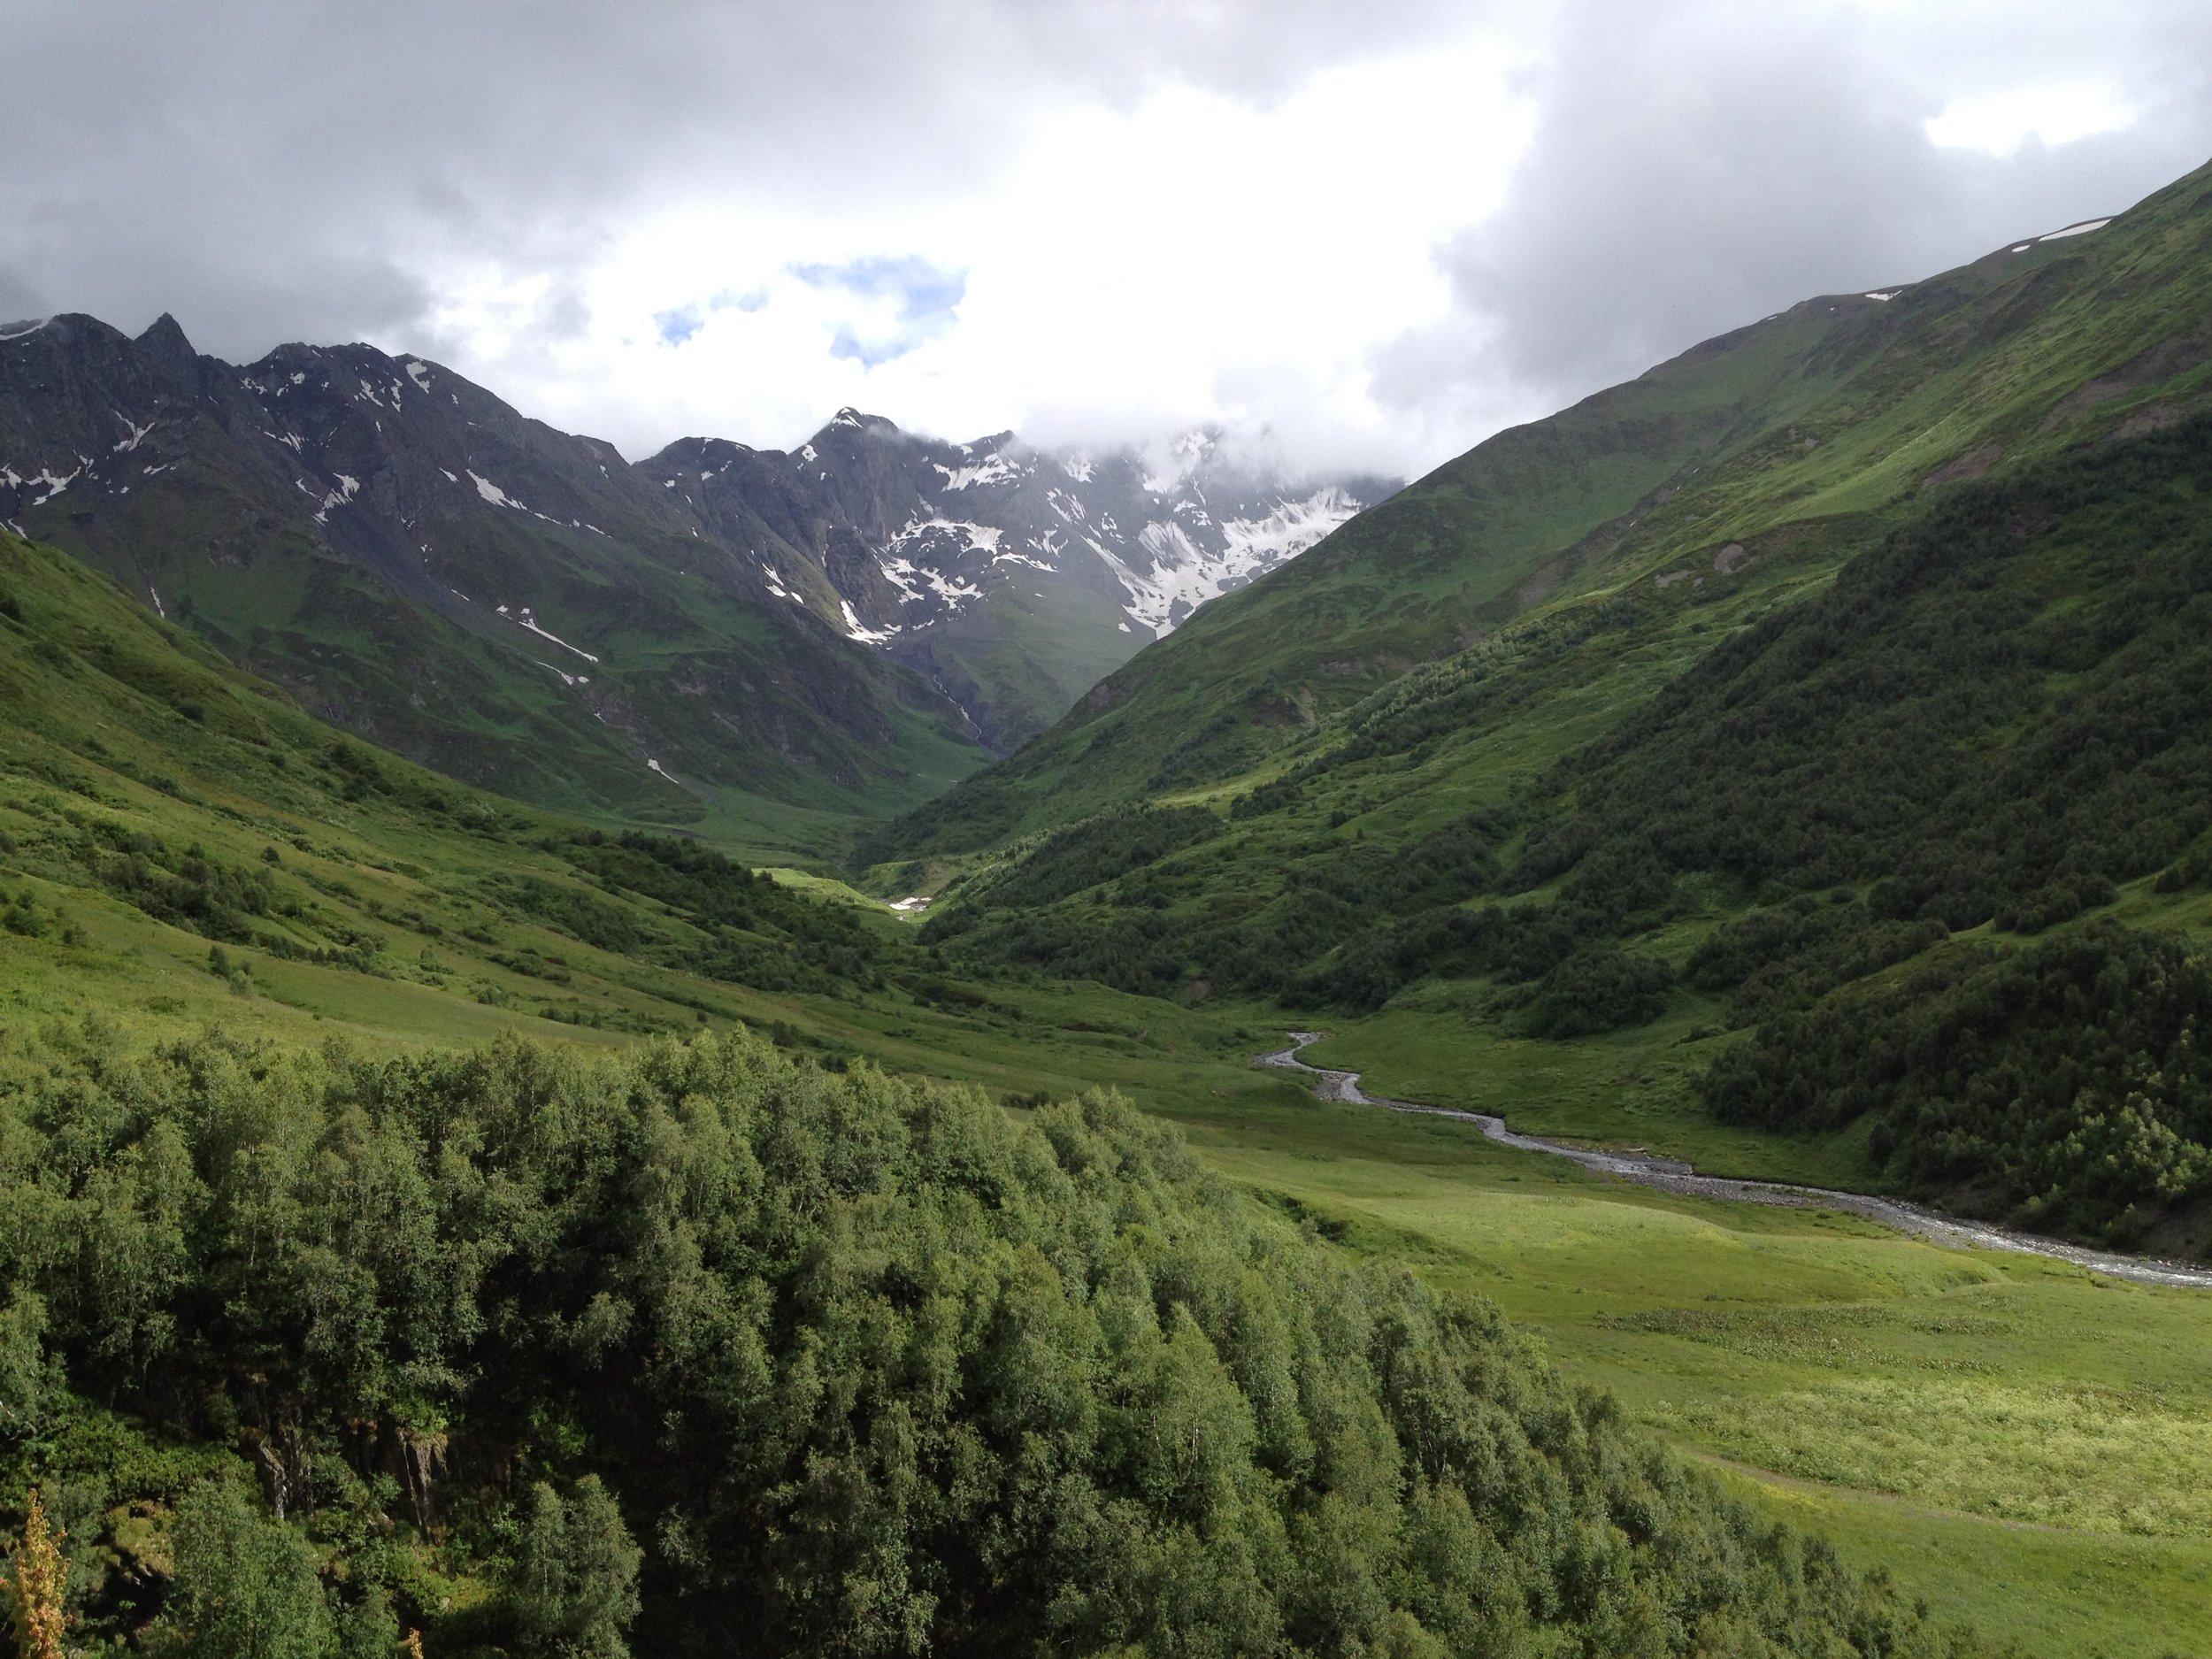 Taki widok budził mnie codziennie, gdy moi koledzy szukali zagubionej gdzieś wysoko w kaukaskich górach starej radzieckiej kopalni. Nie pytajcie po co jej szukali :D